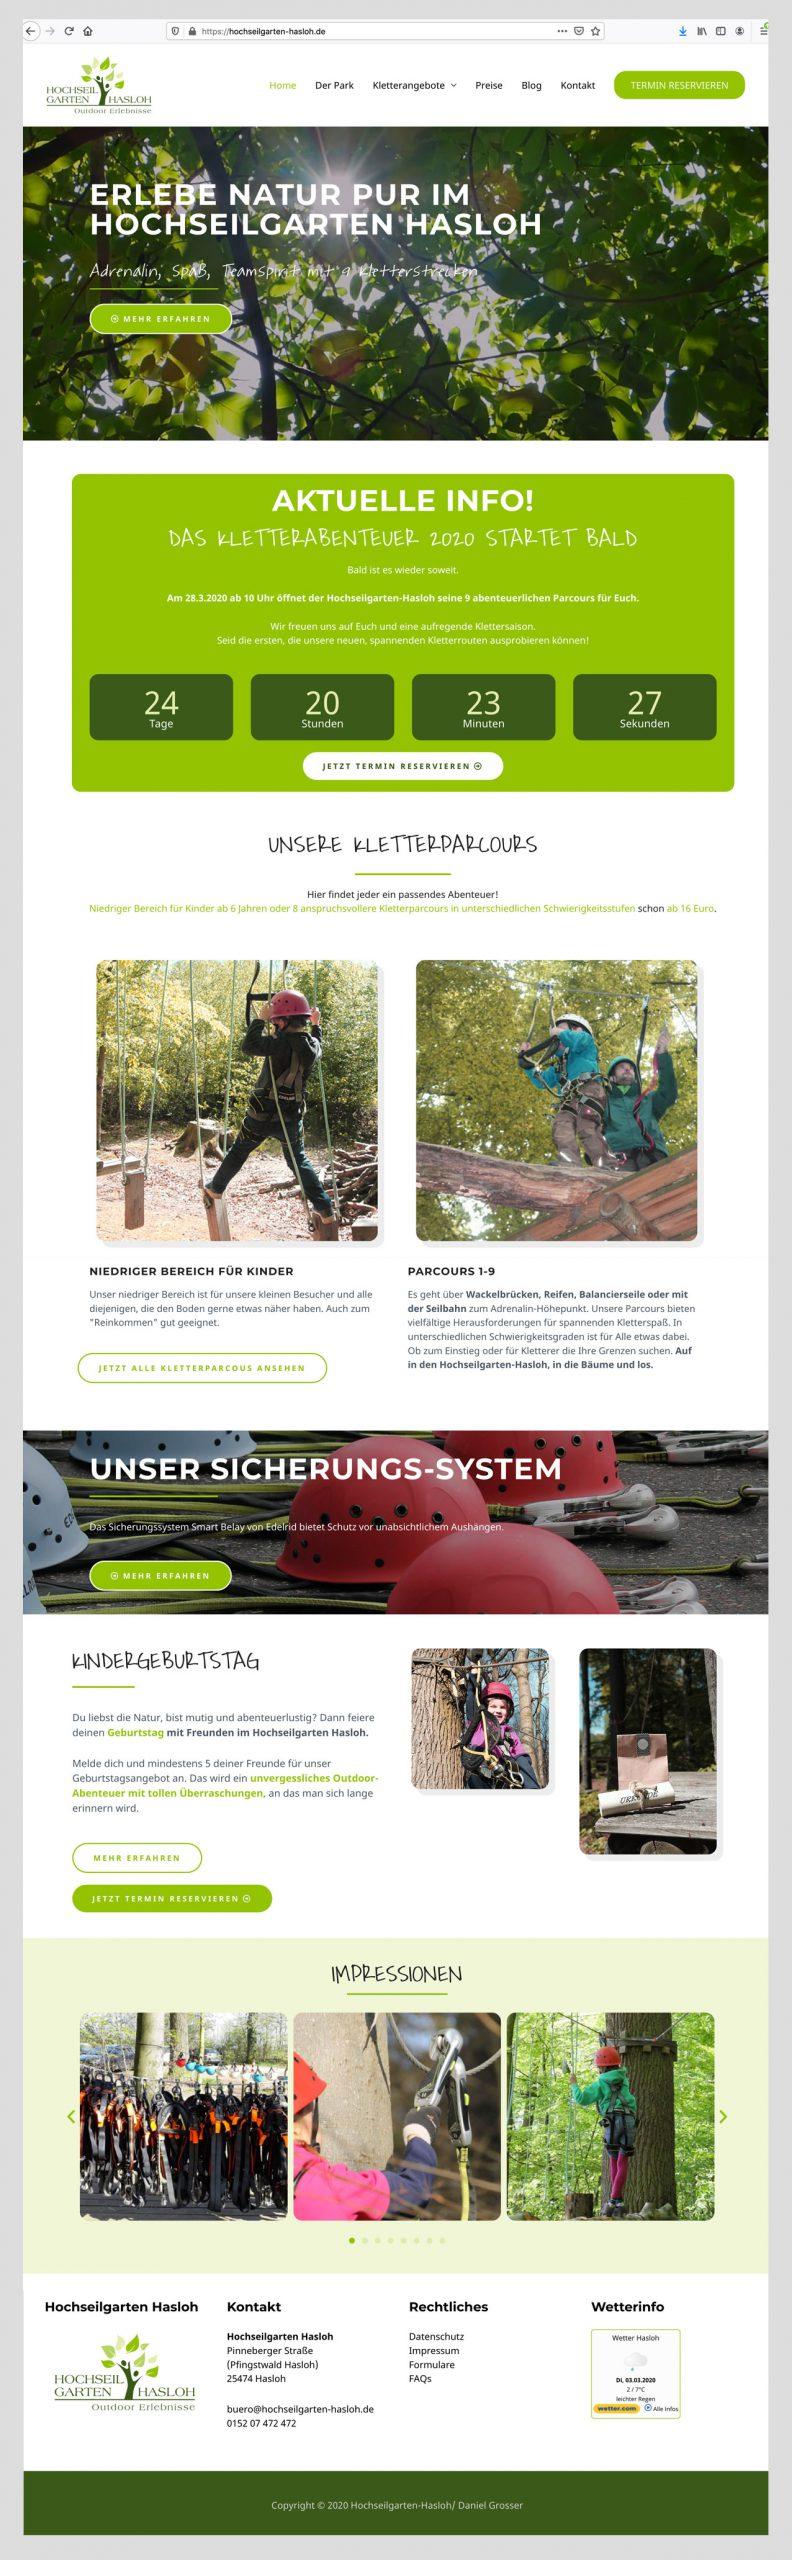 Musterwebsite - Hochseilgarten-Hasloh, Madeleine Möhlmann Grafik- und Webdesign aus Hamburg